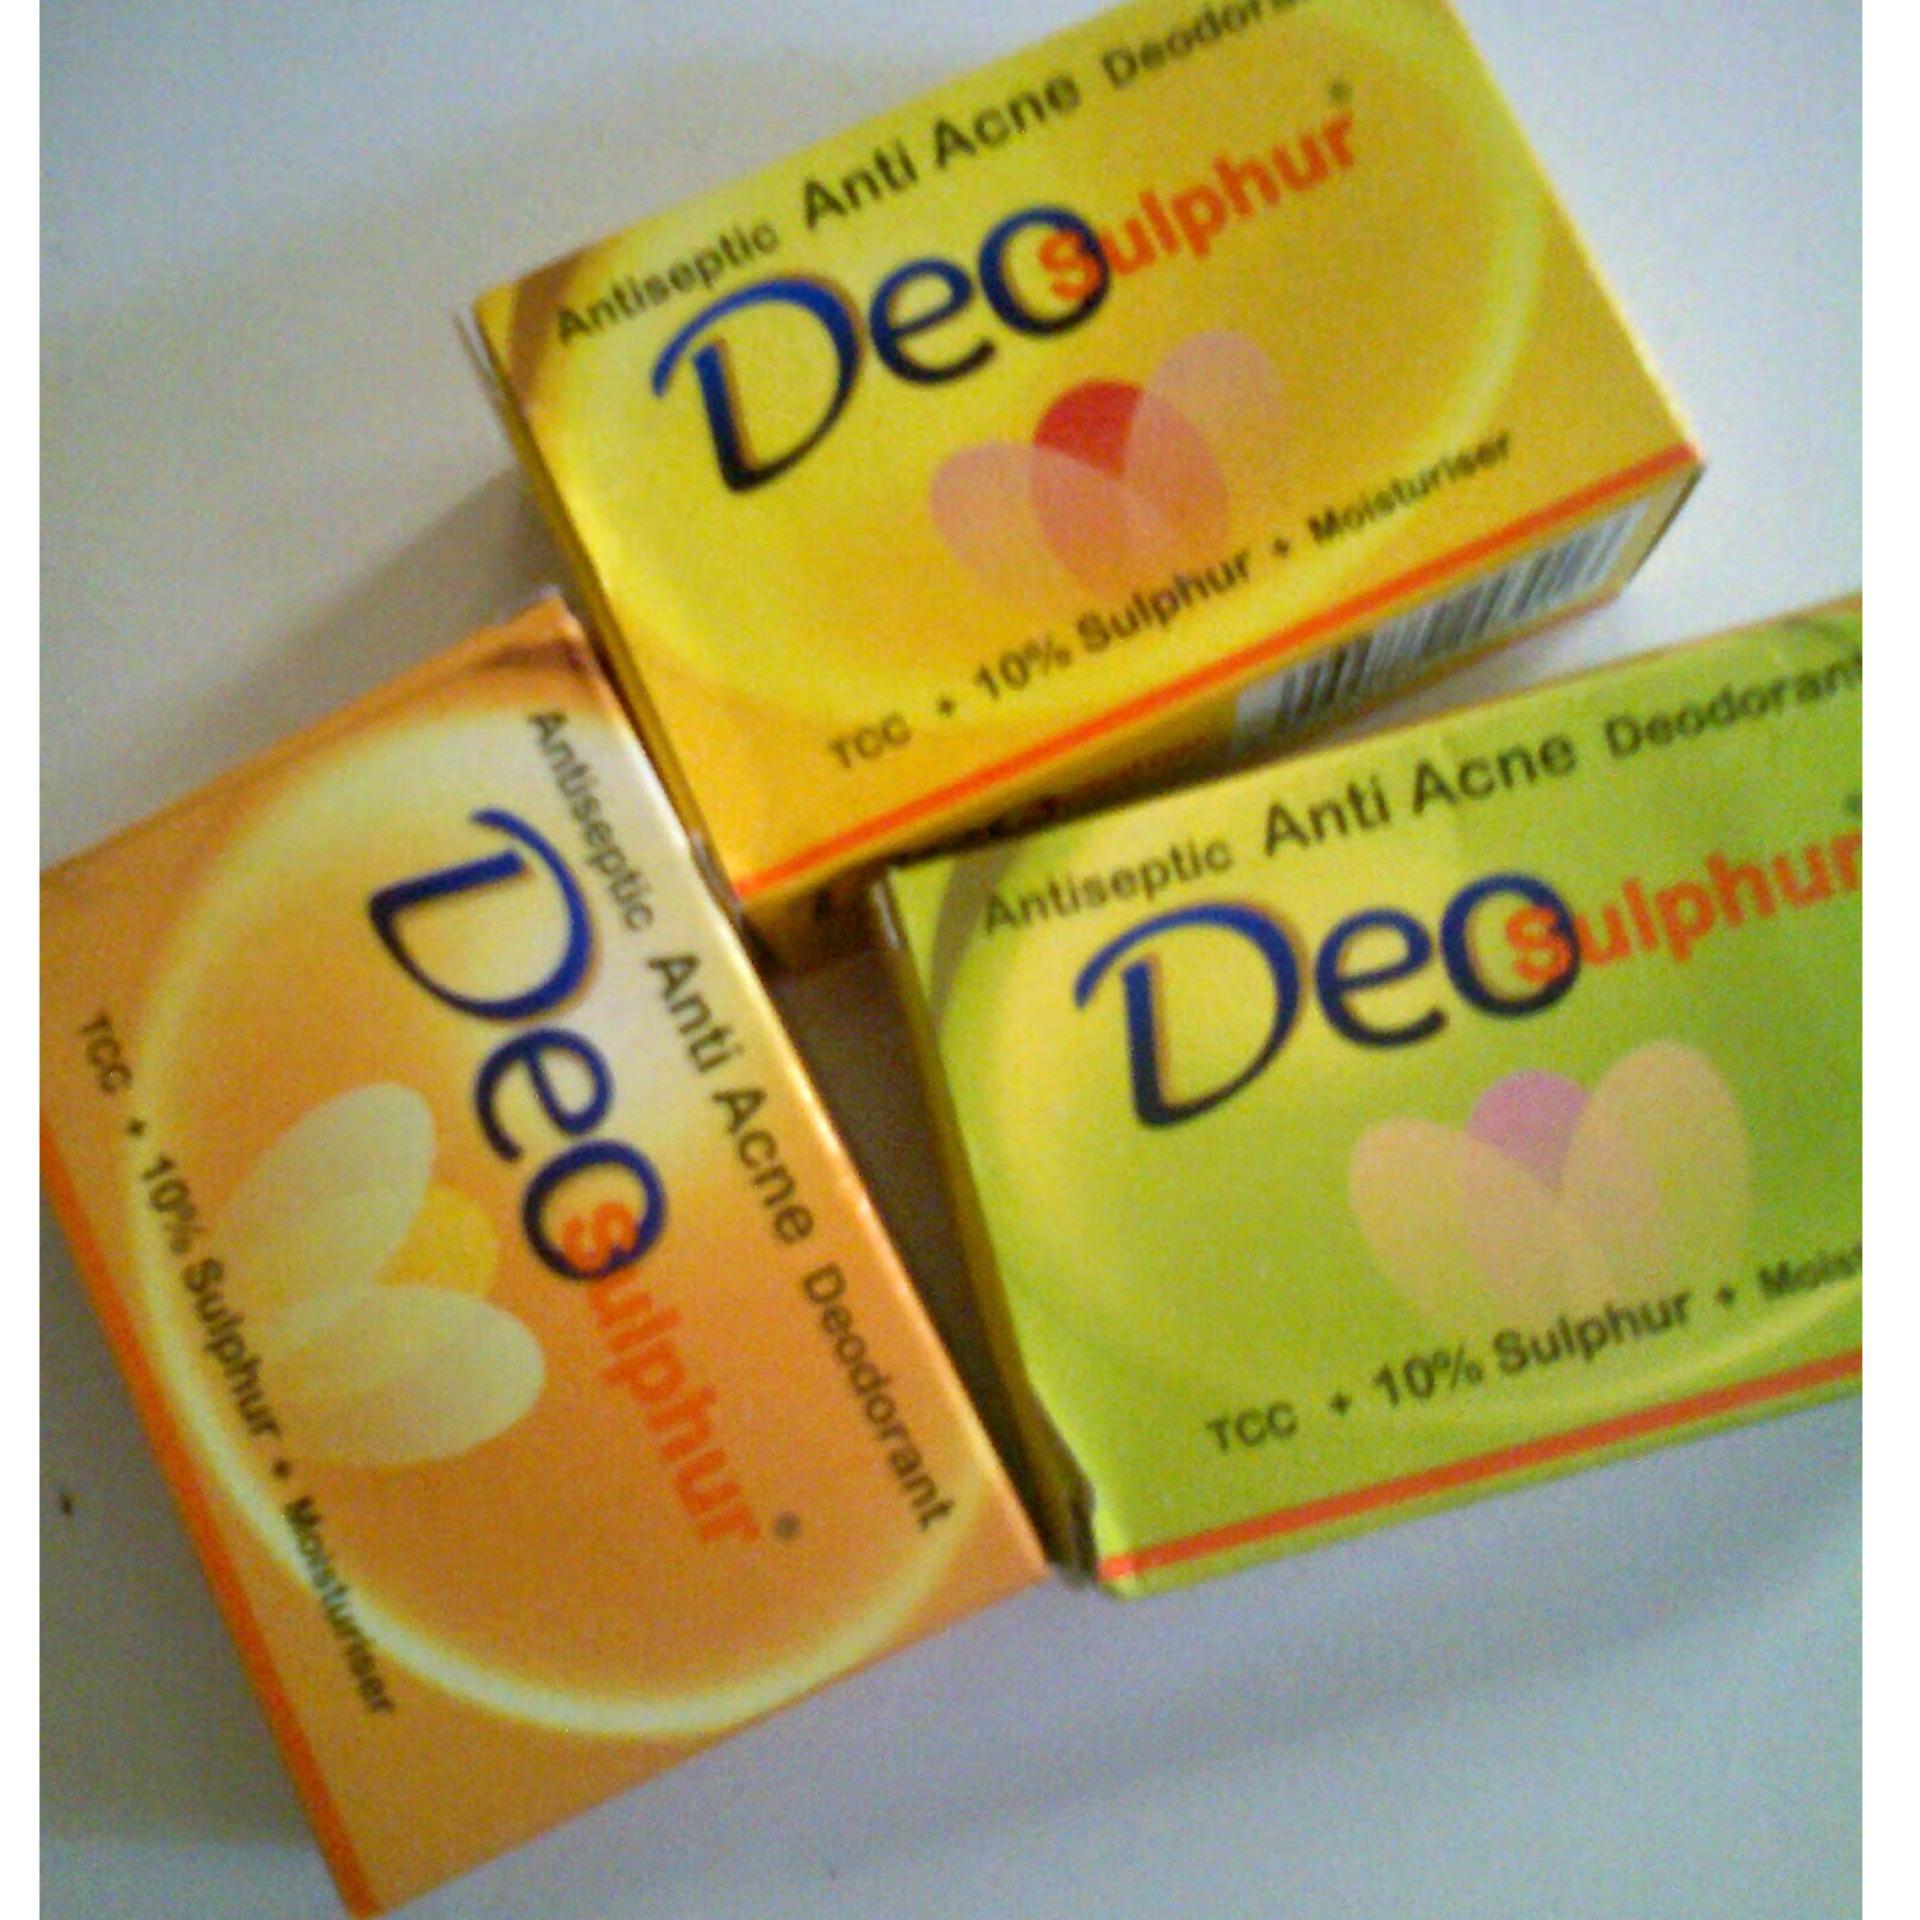 5pcs Asepso Sulfur Antiseptic Soap With Acid Salicy Daftar Harga Plus Flash Sale 3pcs Deo Sabun Anti Gatal Dan Jerawat